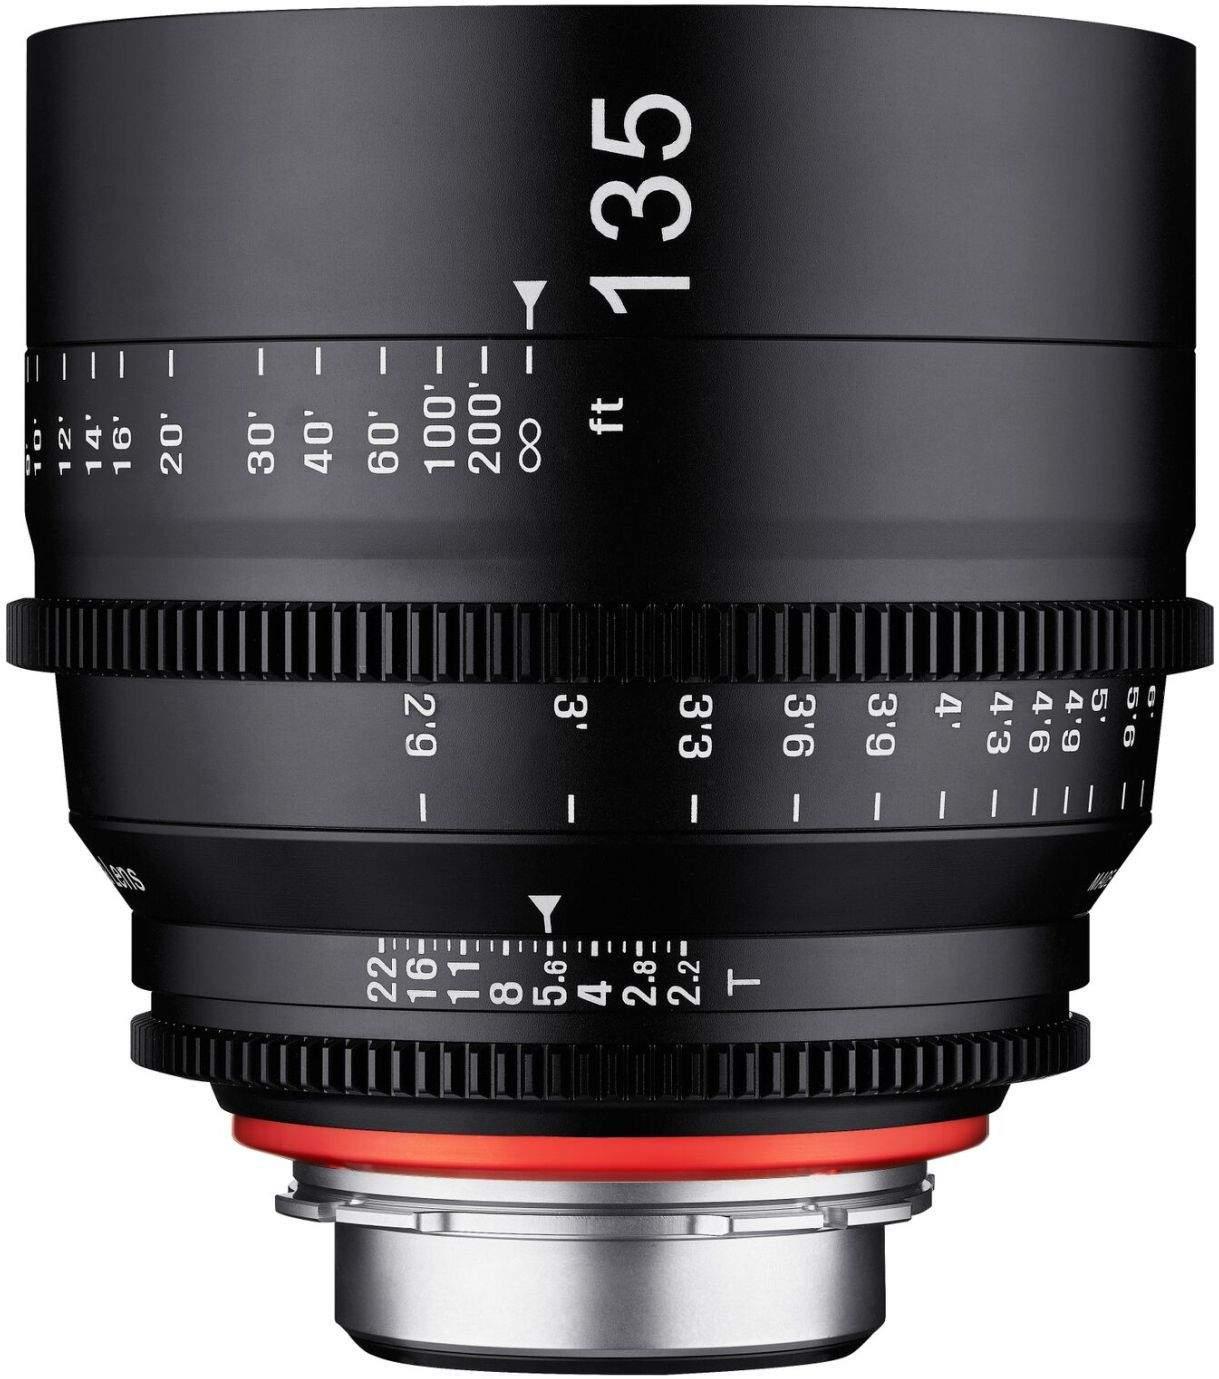 135mm T2.2 XEEN PL Full Frame Cinema Lens main image